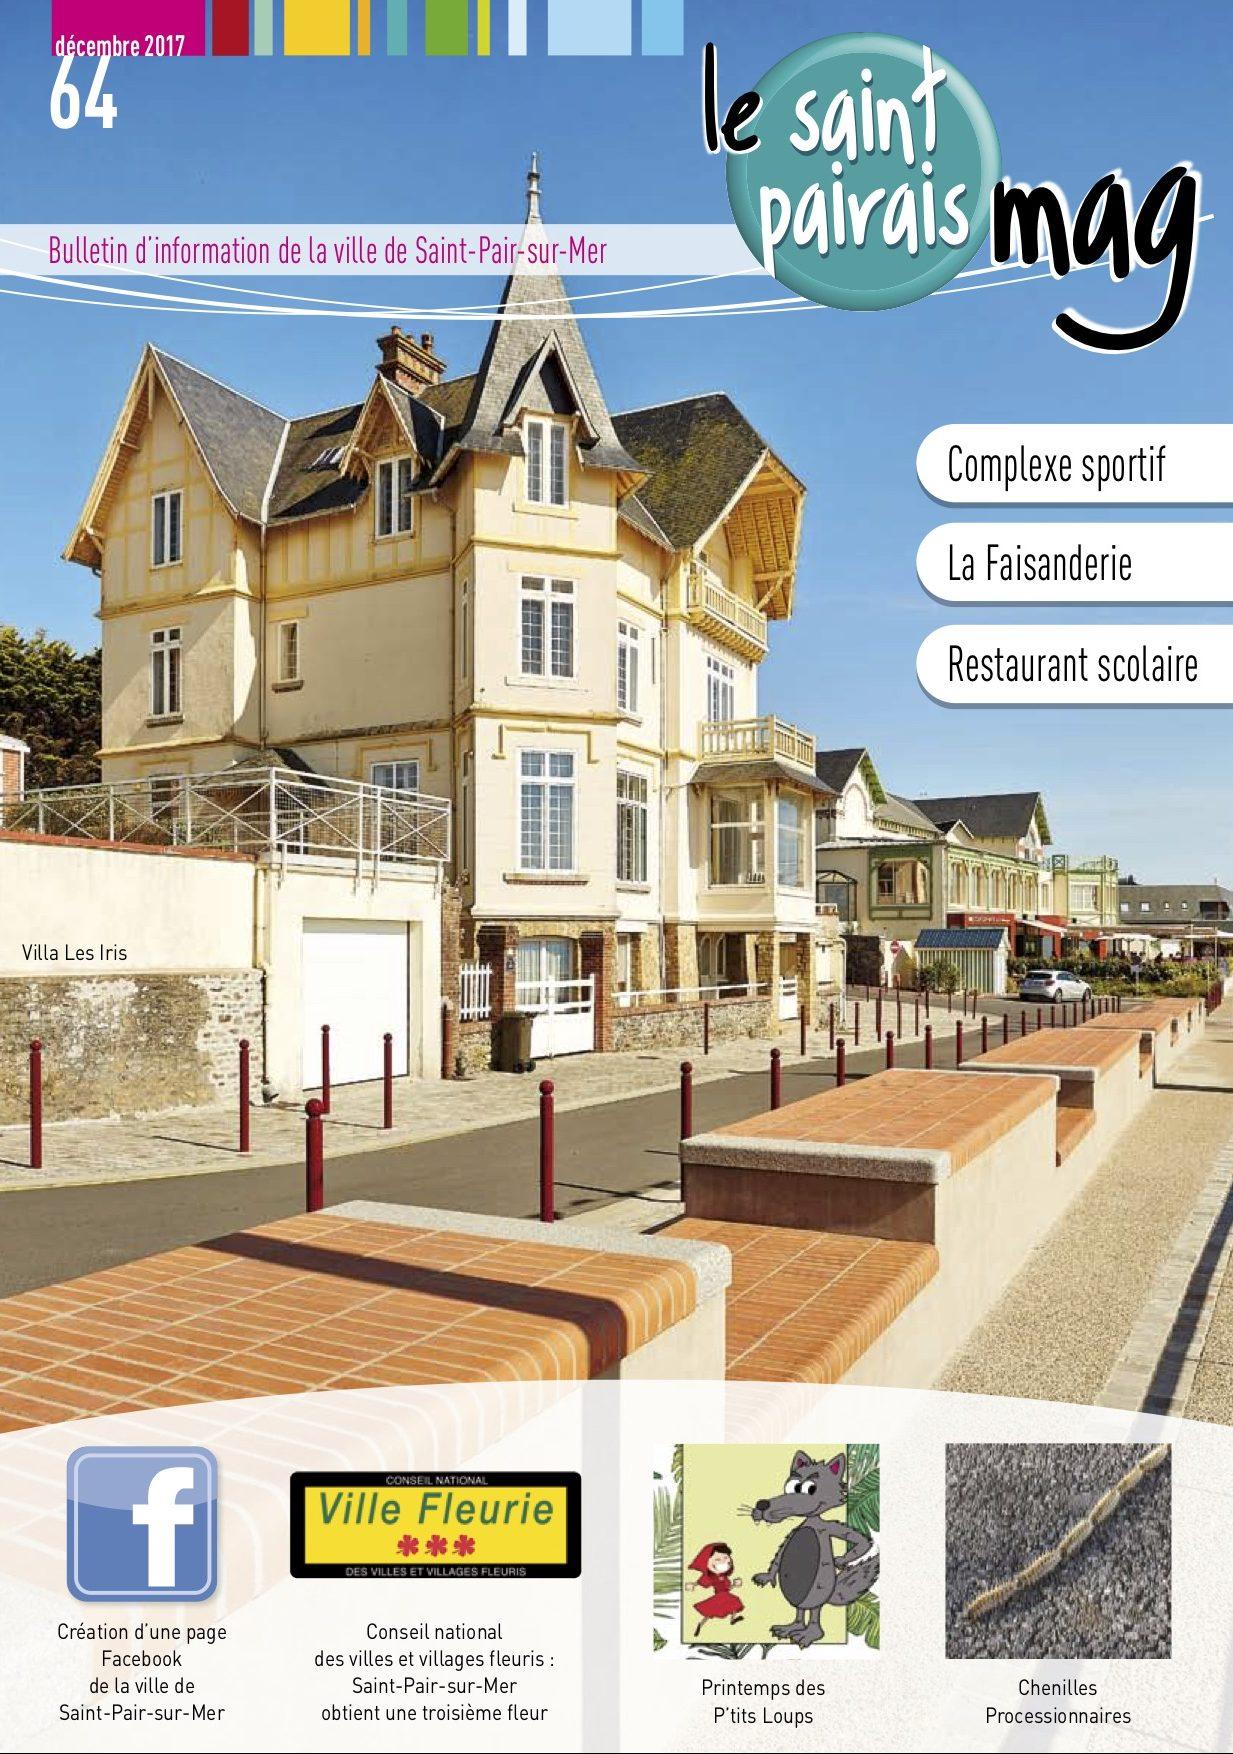 Saint Pairais Mag n°64